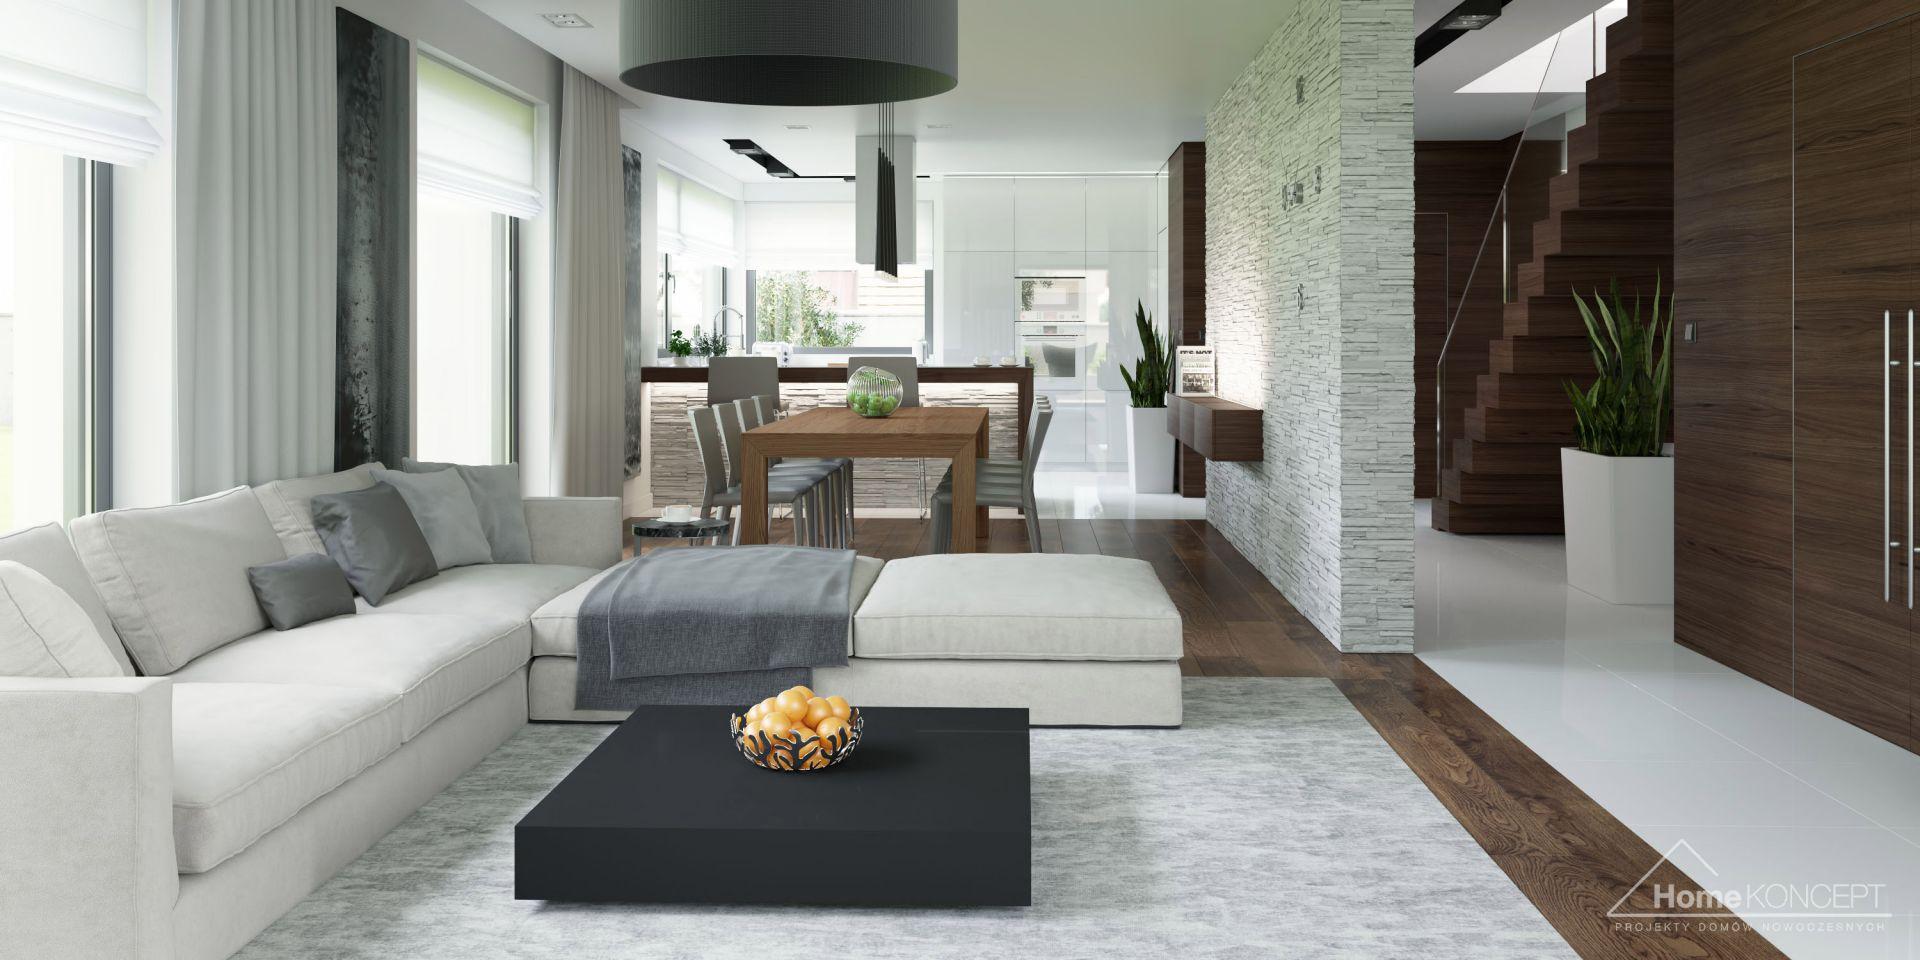 Kuchnia, jadalnia i salon tworzą jedną otwartą przestrzeń dzienną. Fot. HomeKoncept